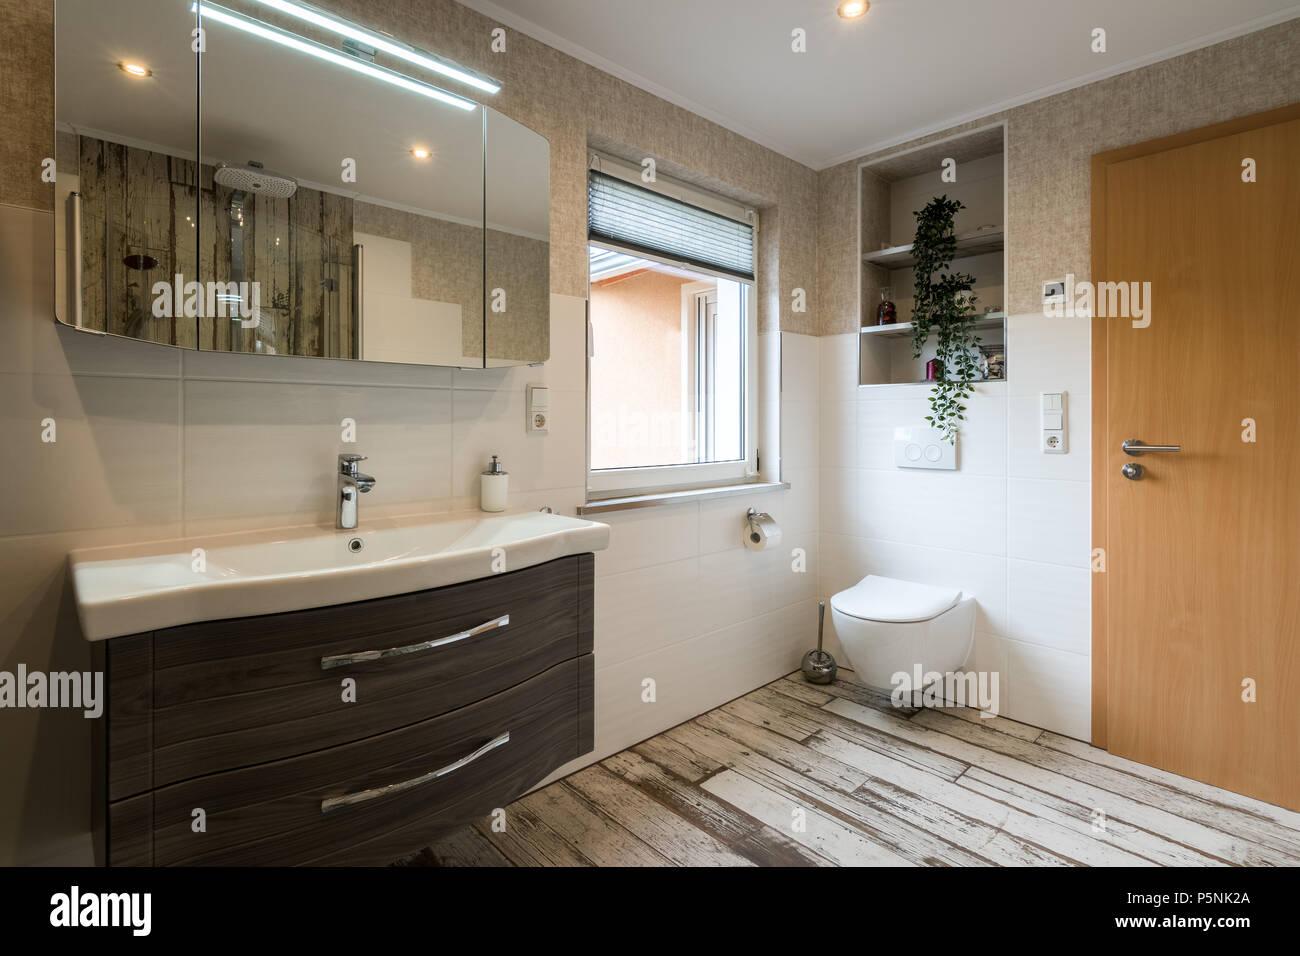 Fußboden Fliesen Vintage ~ Modernes bad im traditionellen stil mit wc und vintage bodenfliesen